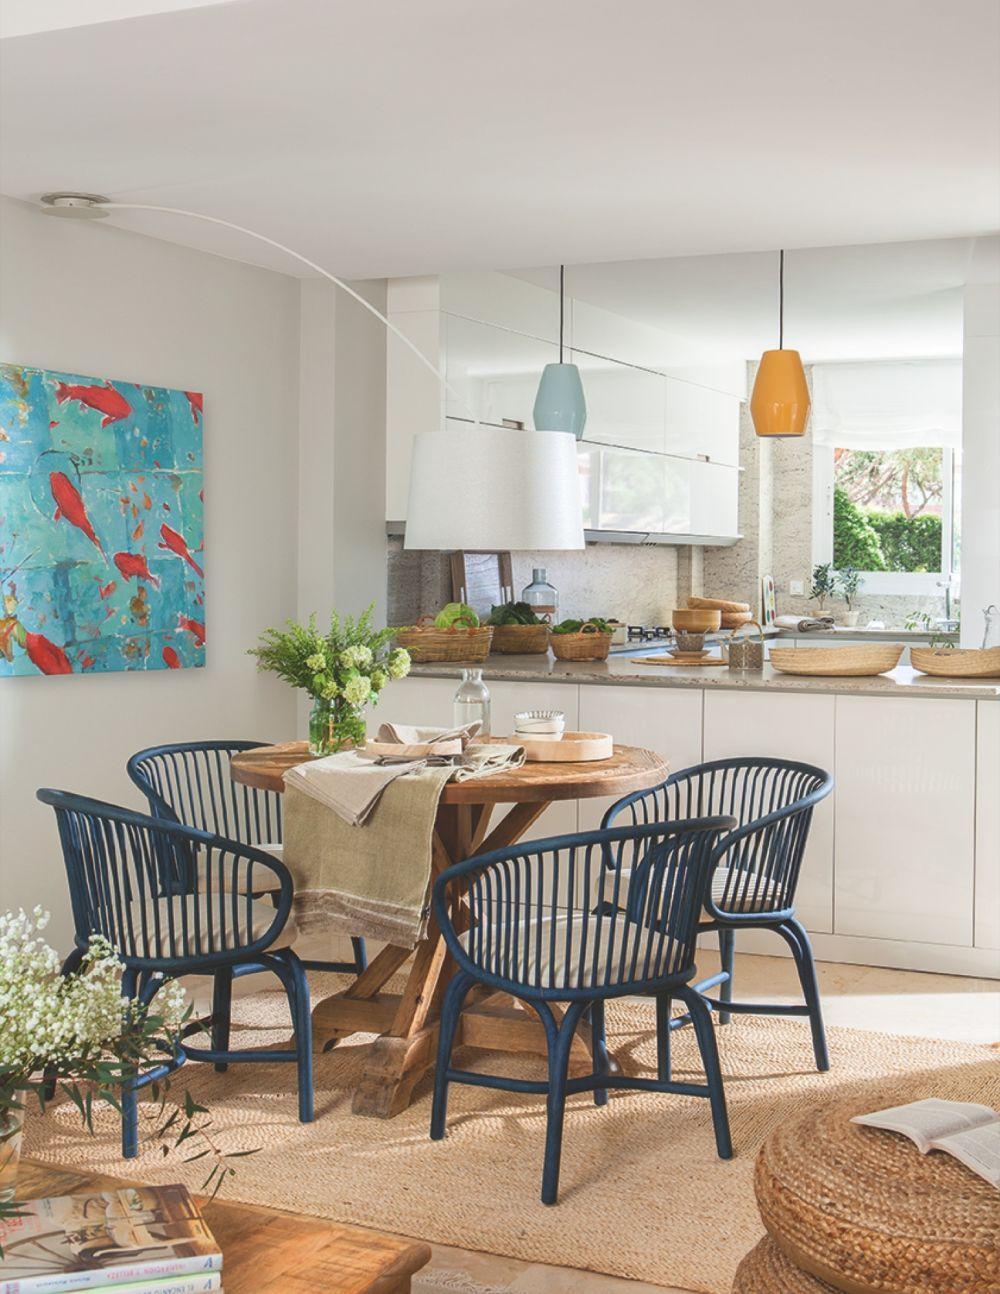 adelaparvu-com-despre-casa-in-stil-mediteranean-barcelona-designer-meritxell-ribe-21